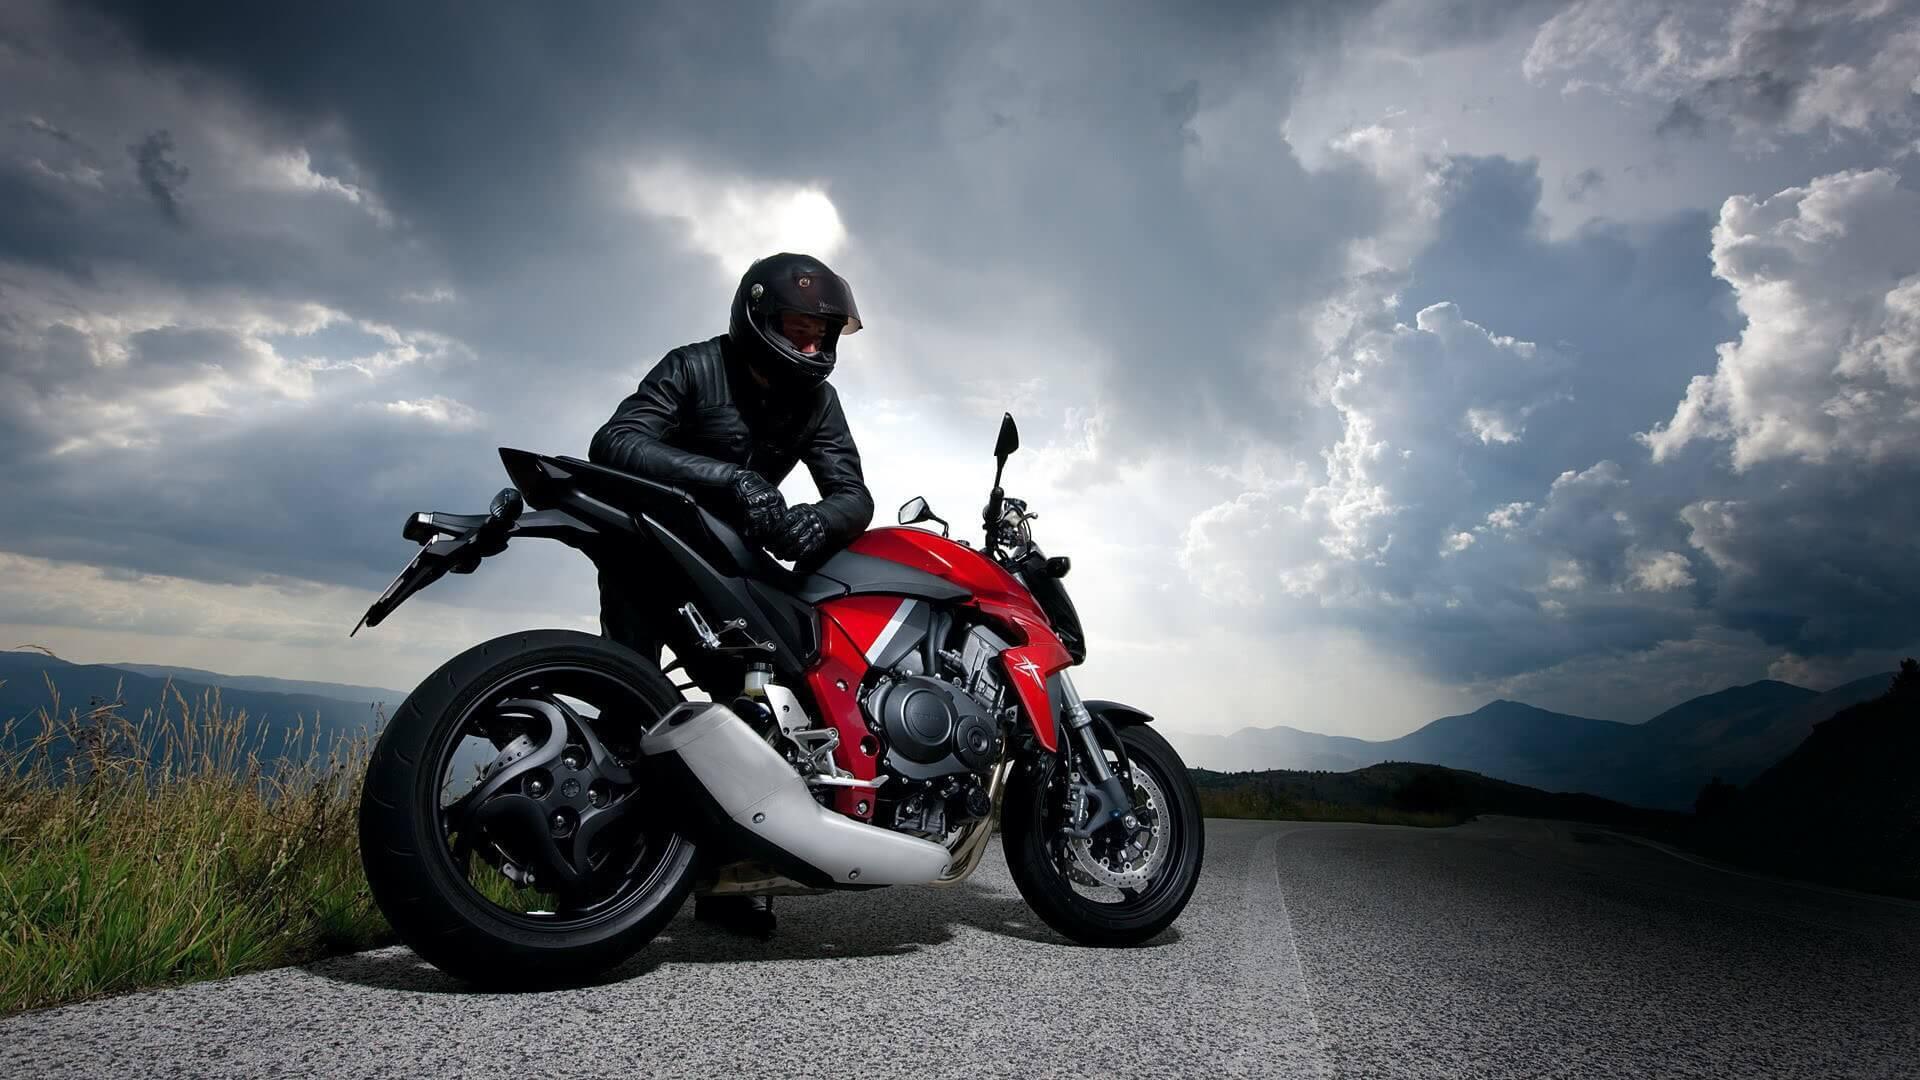 Курс обучения на мотоцикл - категории А и А1